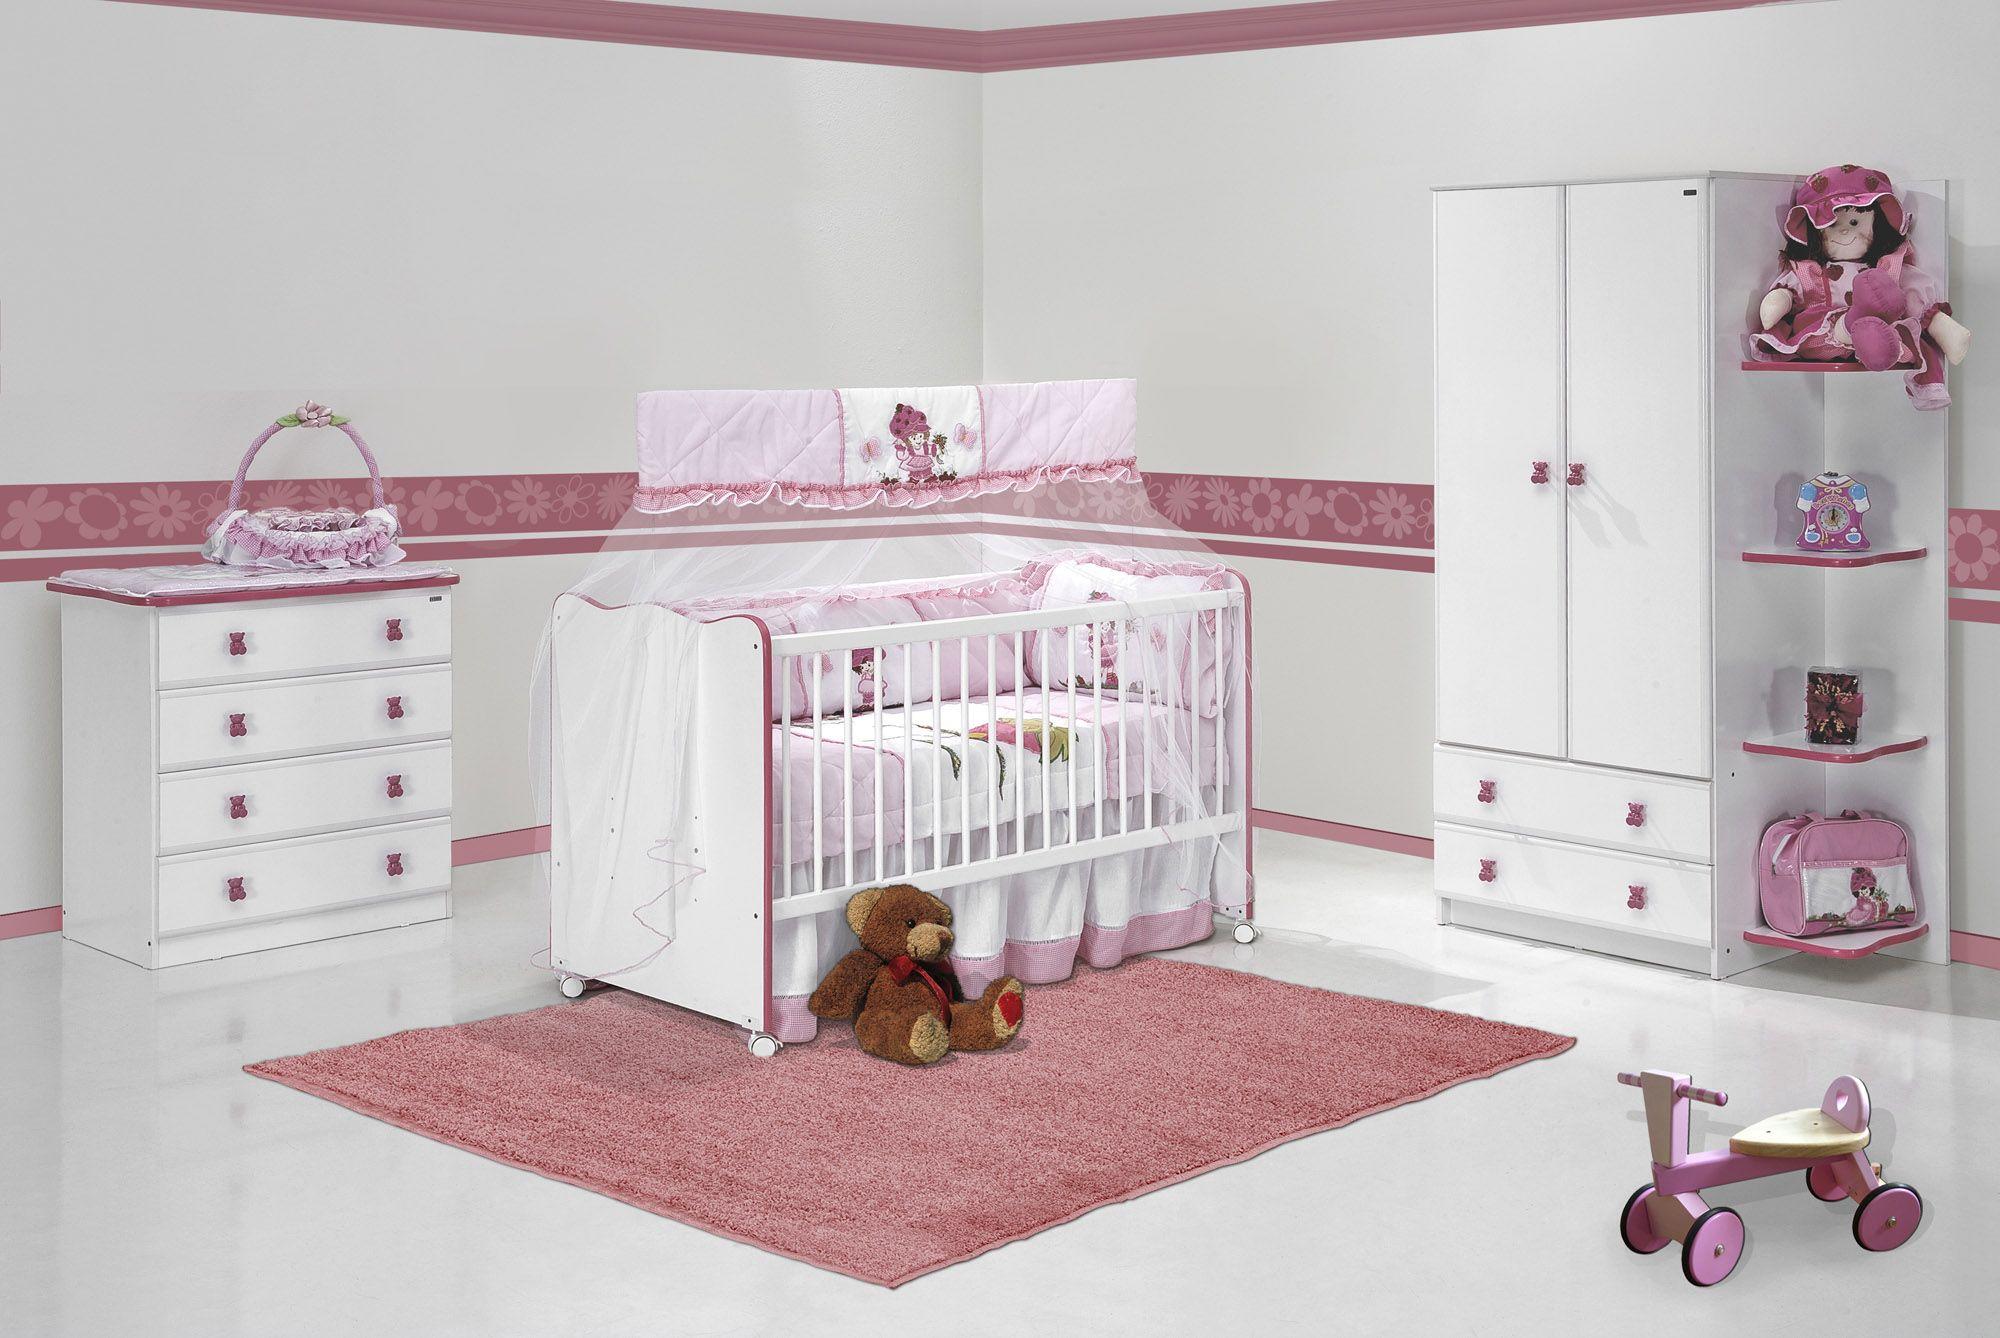 Dicas para a decora o do quarto de beb for Deco quarto